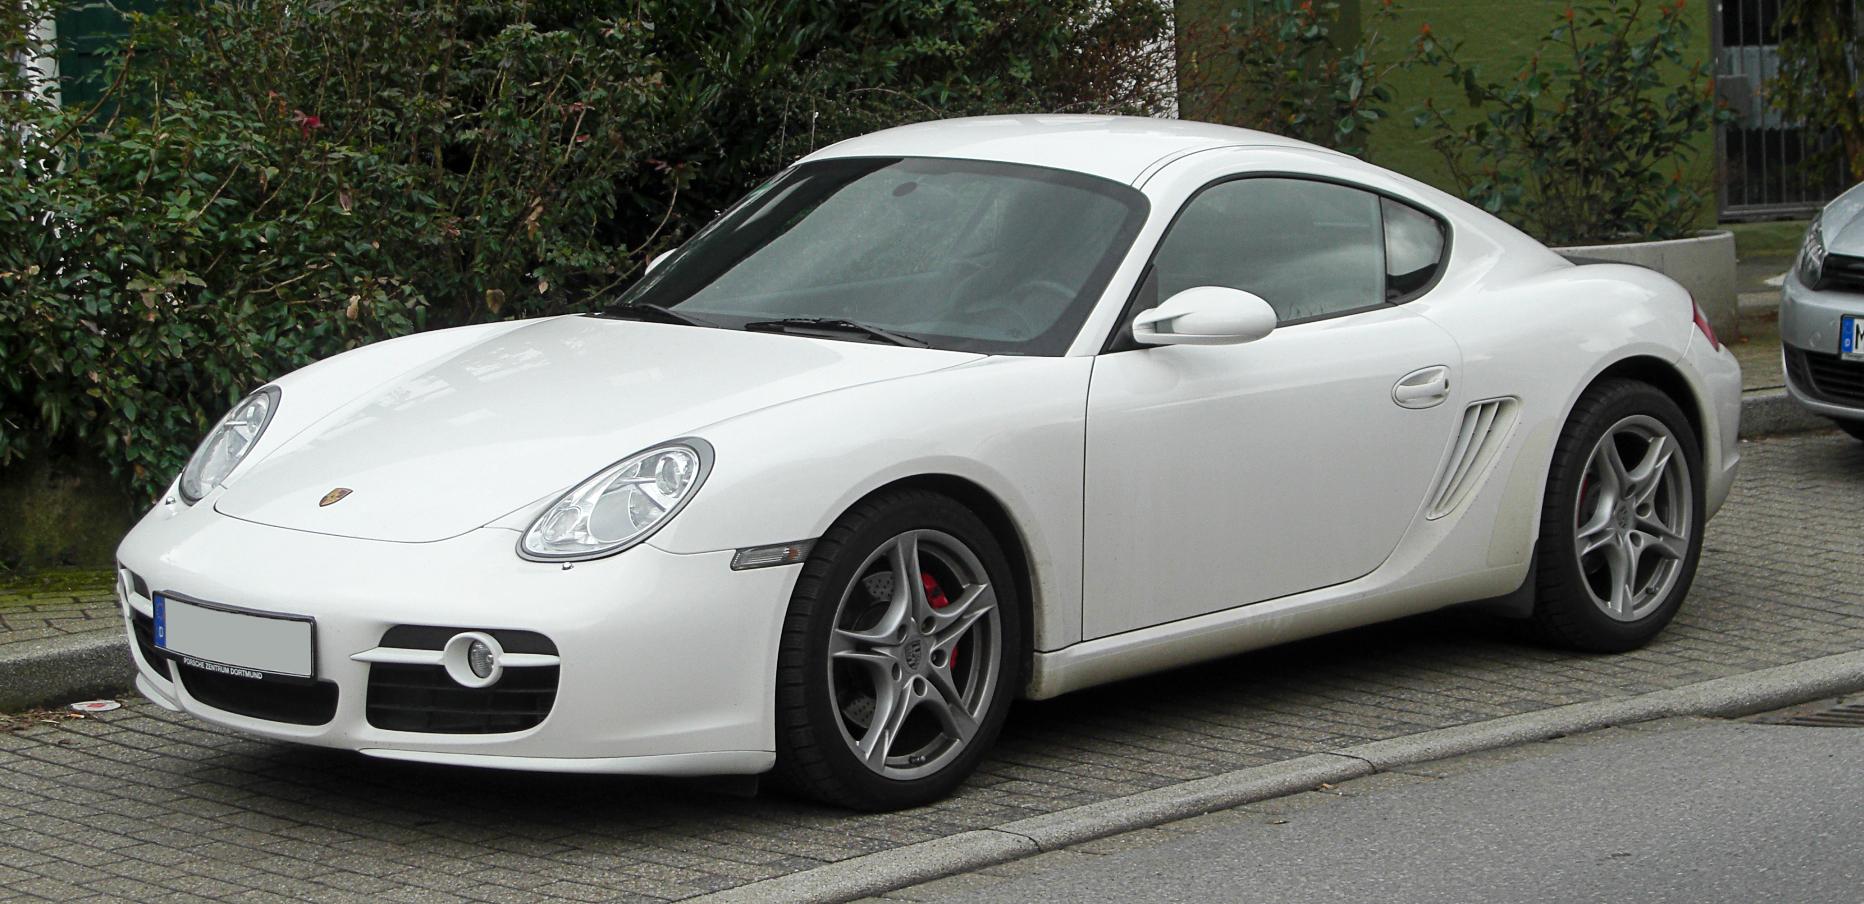 File:Porsche Cayman S (987C) – Frontansicht, 13. März 2011, Wülfrath ...